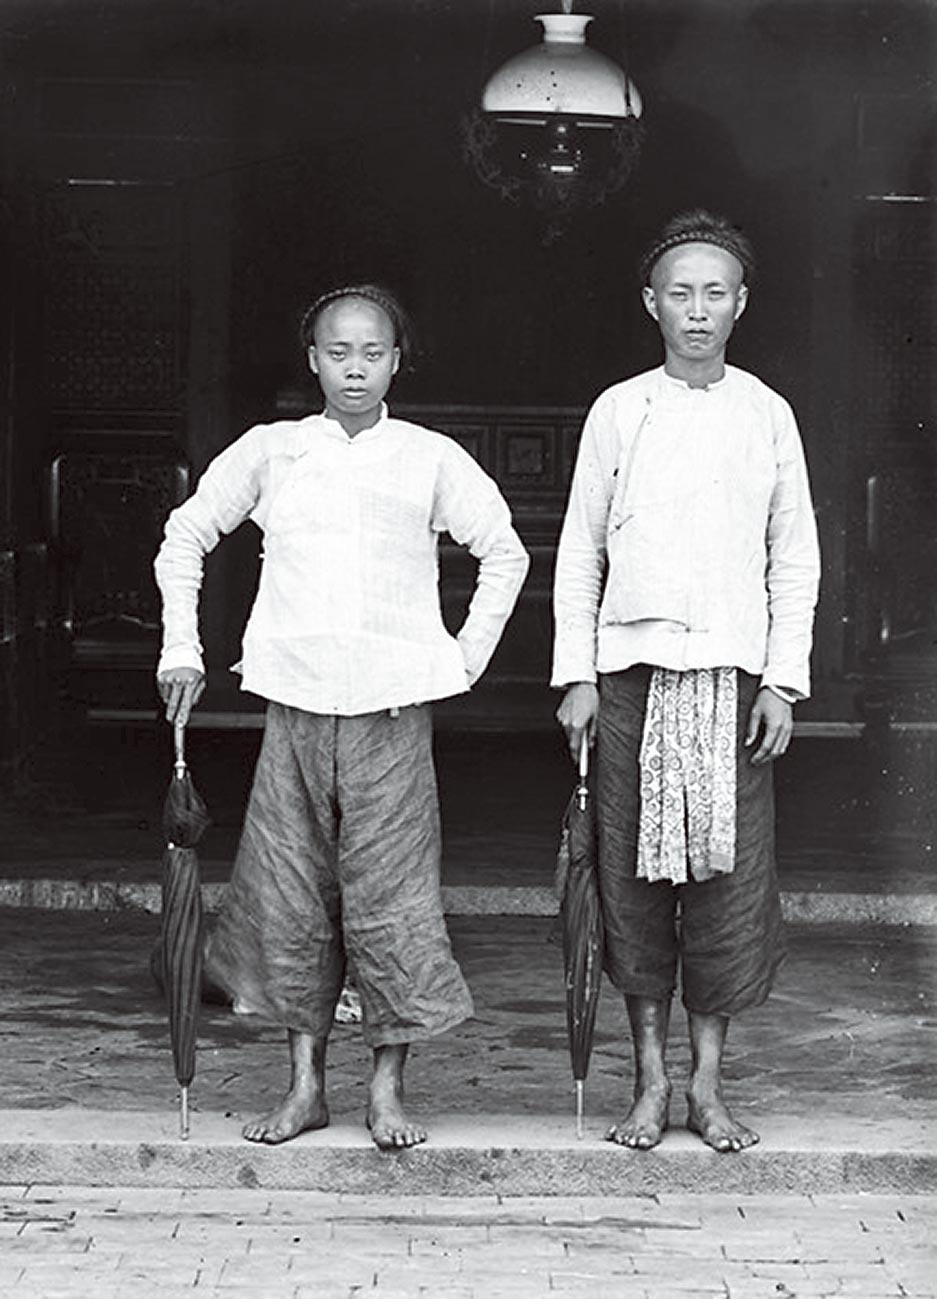 霧峰林家花園不分主從,僱傭平等入鏡的現象,映現了林獻堂的人格特質。(林草攝於1905~1910,林明弘提供)